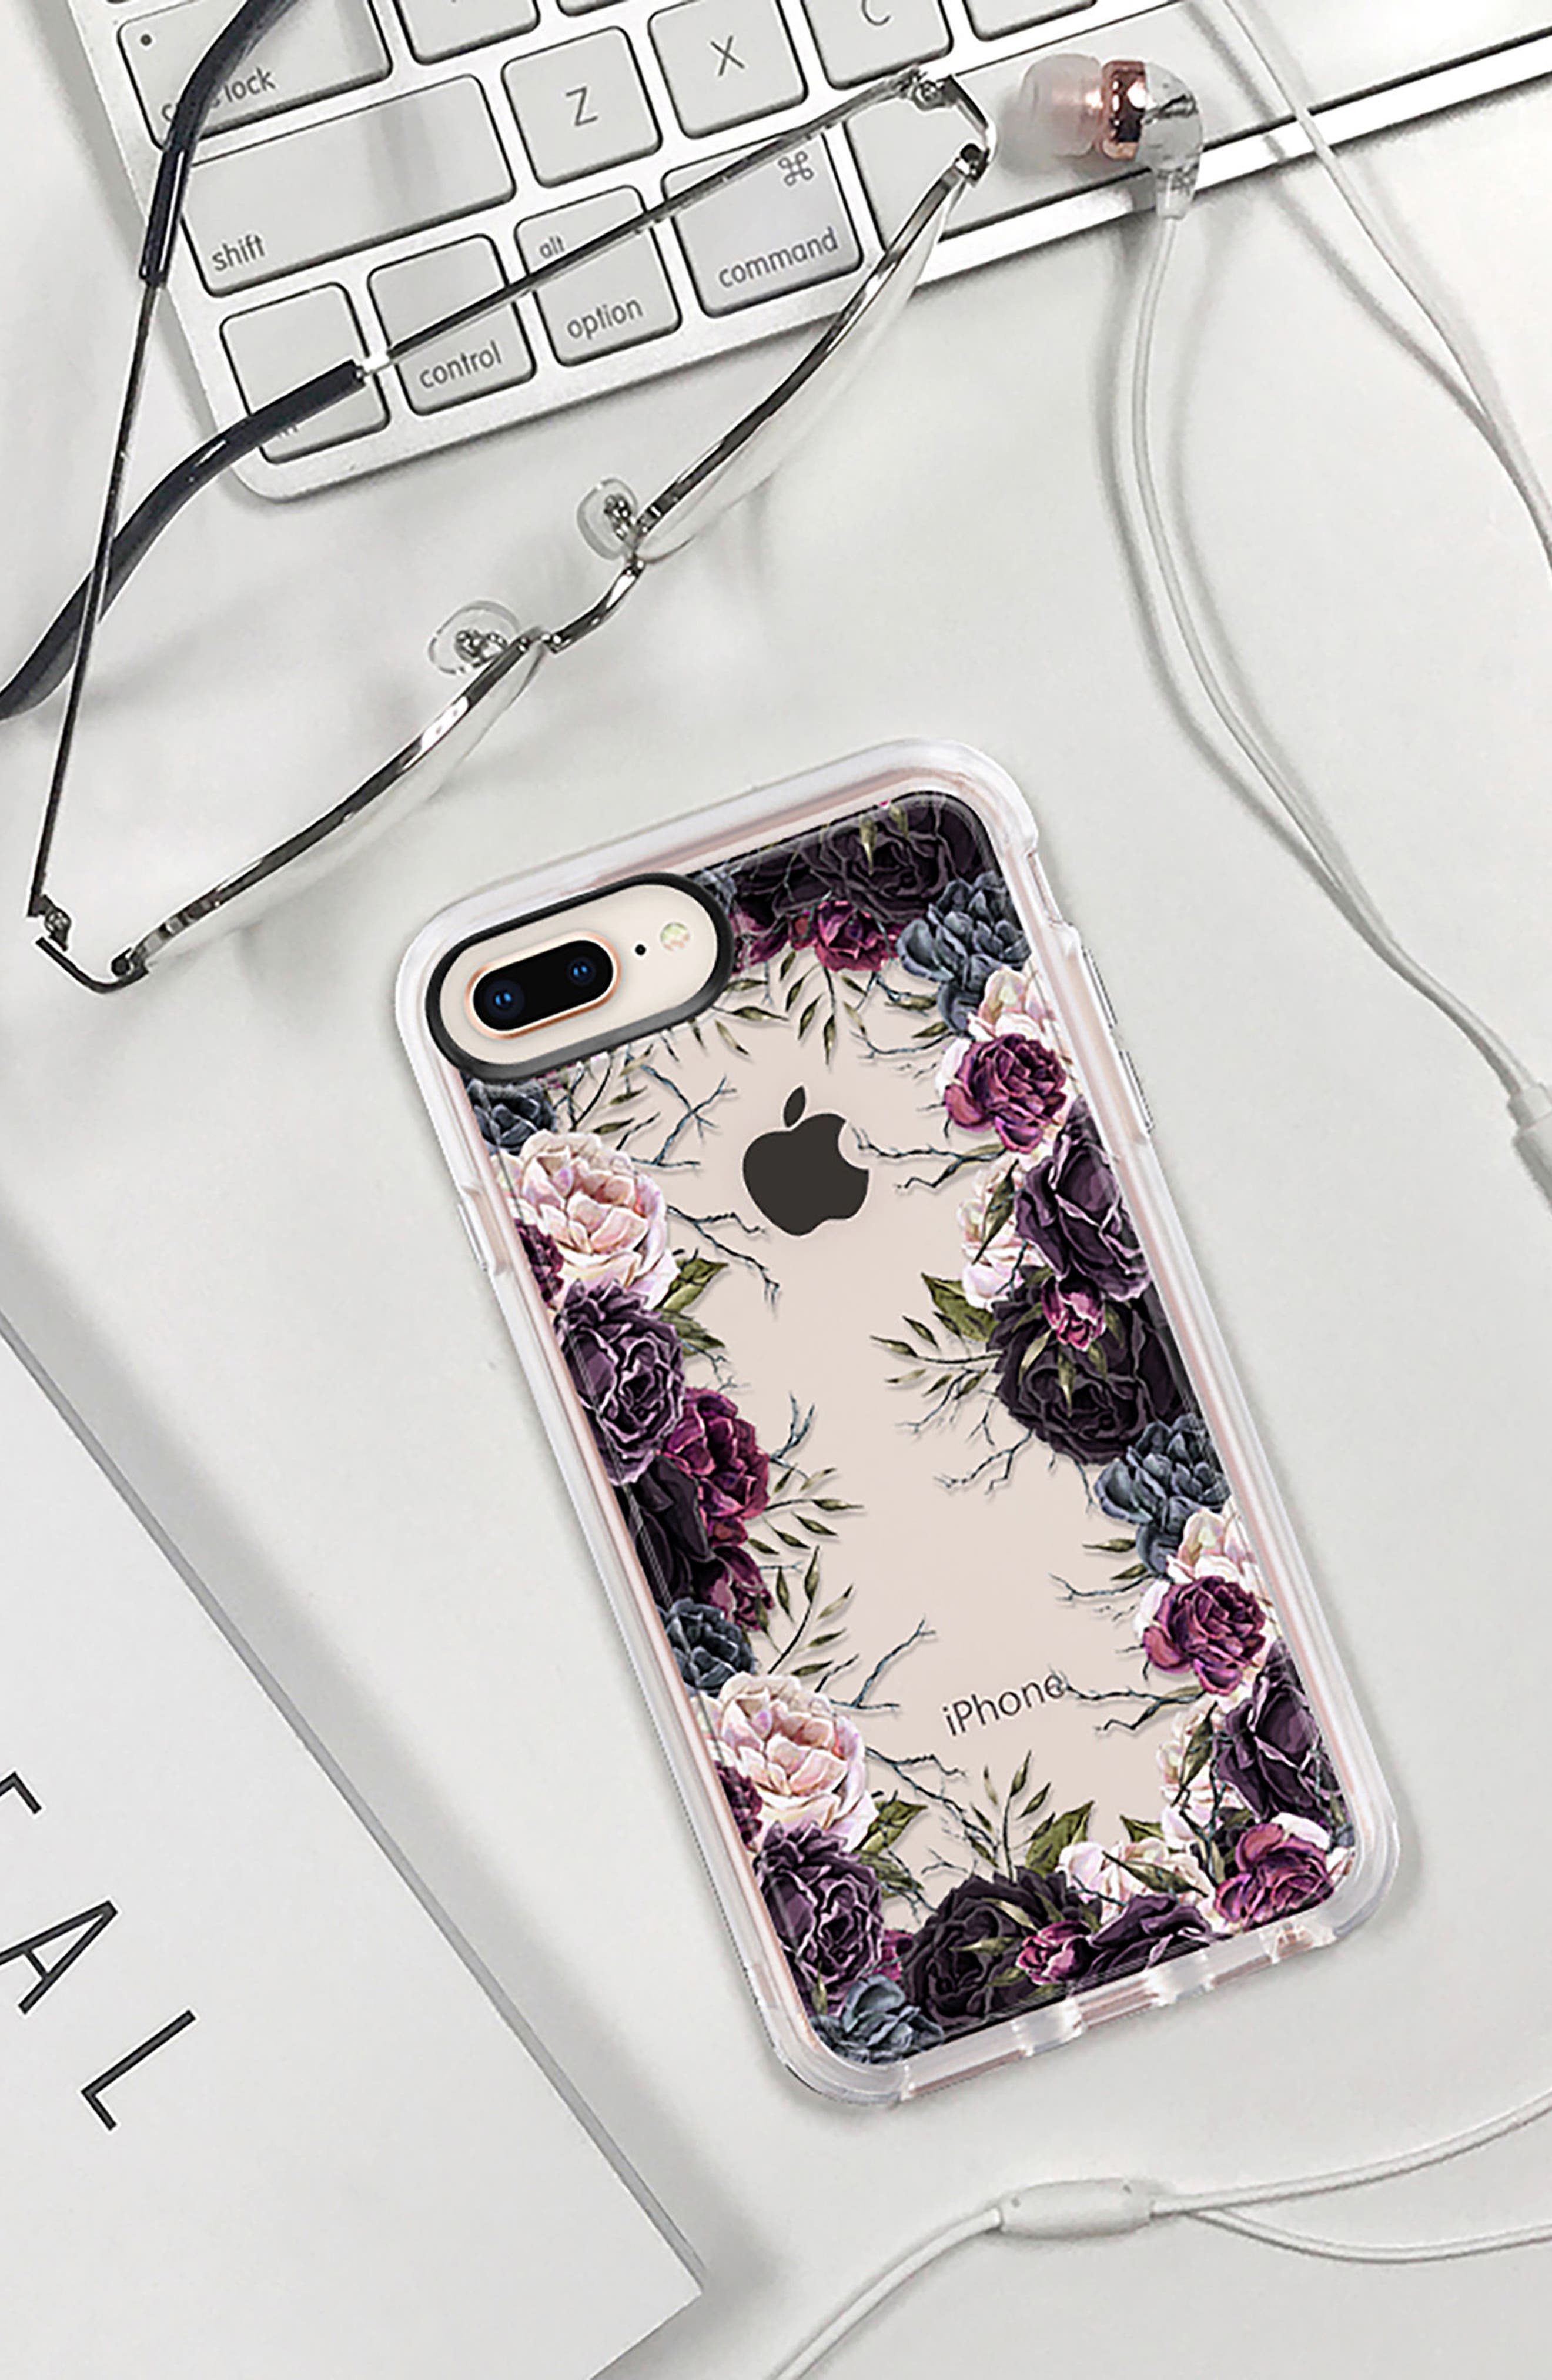 My Secret Garden Transparent iPhone 7/8 & 7/8 Plus Case,                             Alternate thumbnail 9, color,                             PURPLE